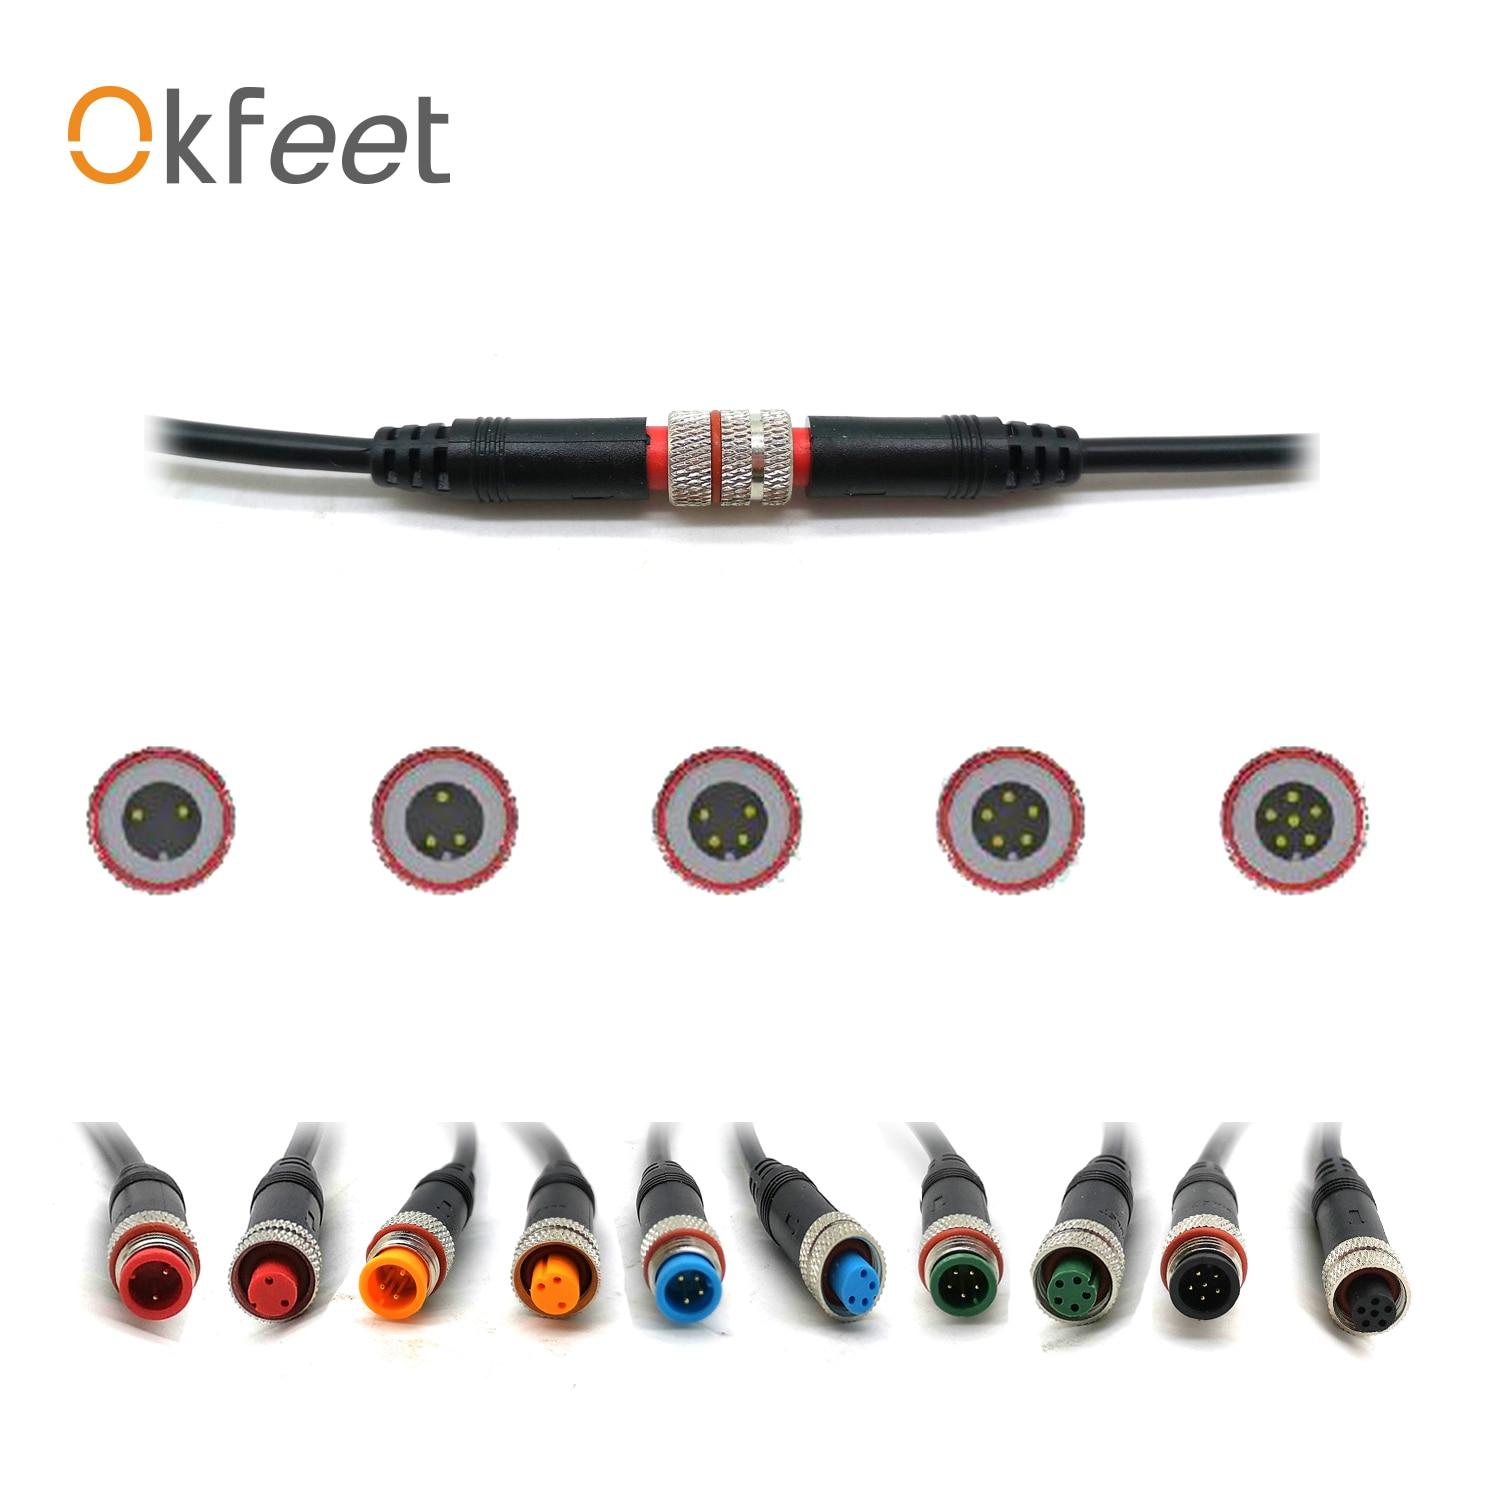 Okfeet Julet 2 3 4 5 6 Pin tornillo tipo pequeña potencia conector impermeable con estilo de enchufe recto